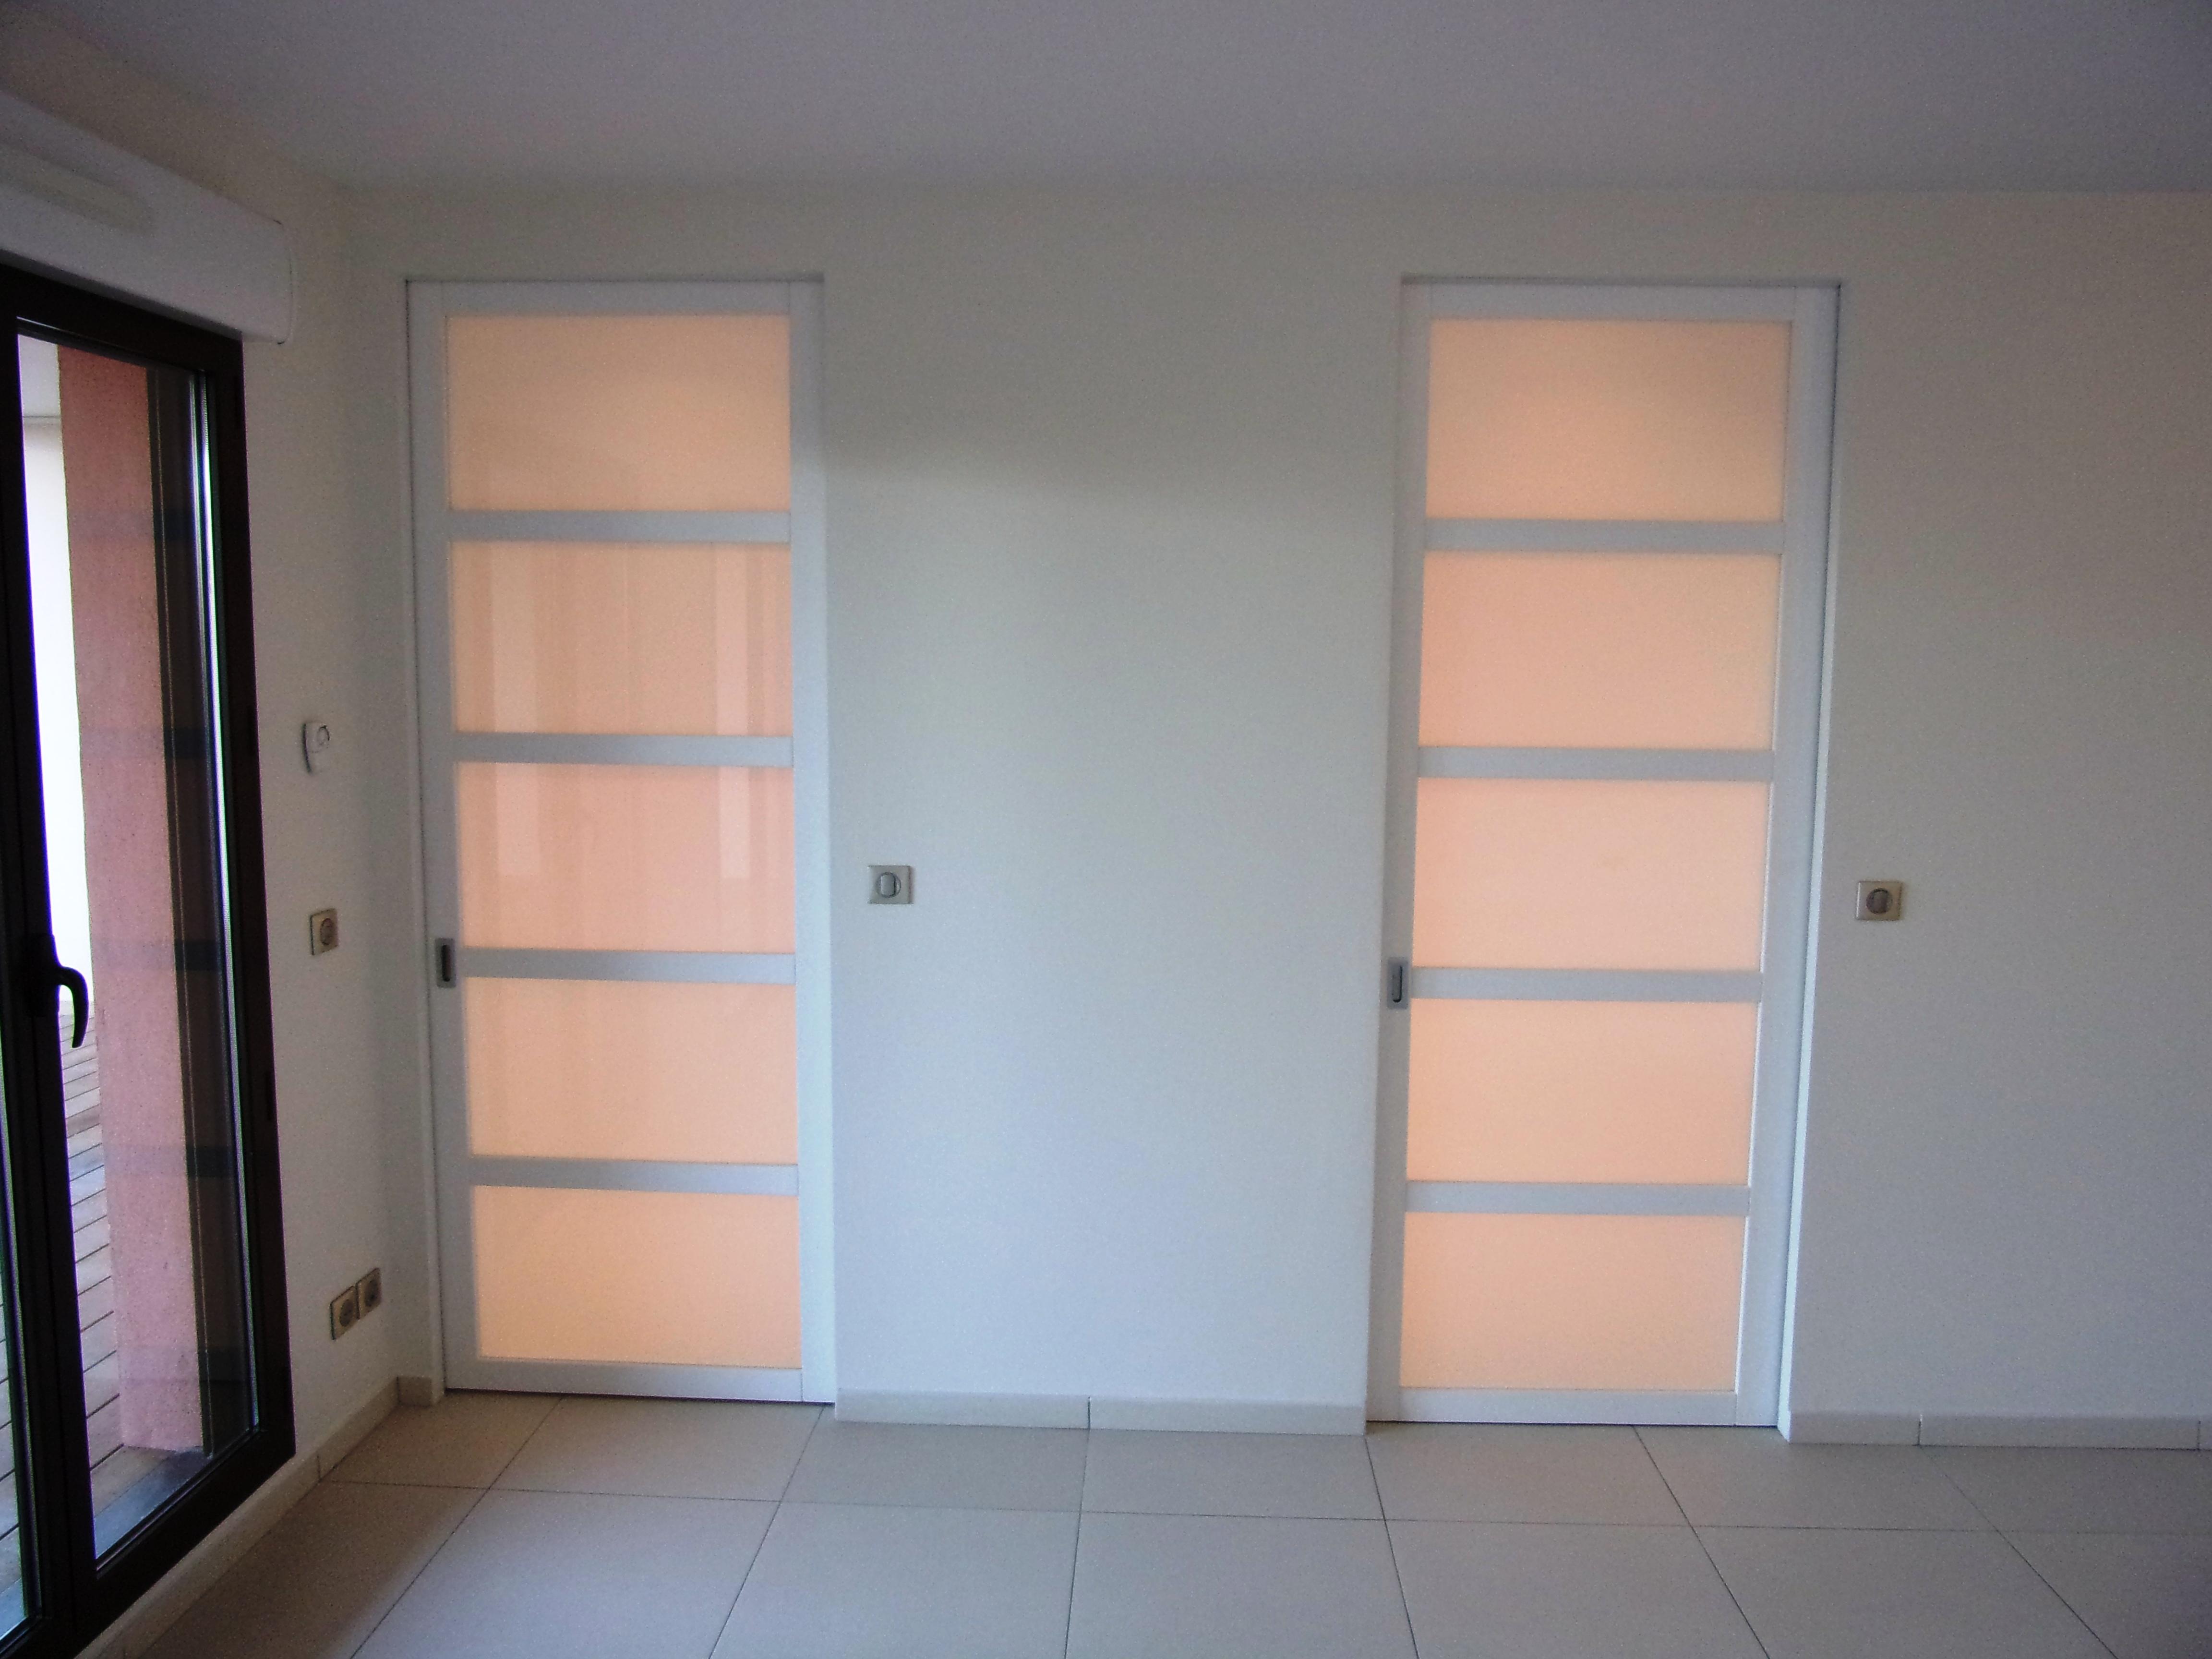 Porte Entree Vitree Opaque portes intérieures coulissantes laquées blanc avec vitrages